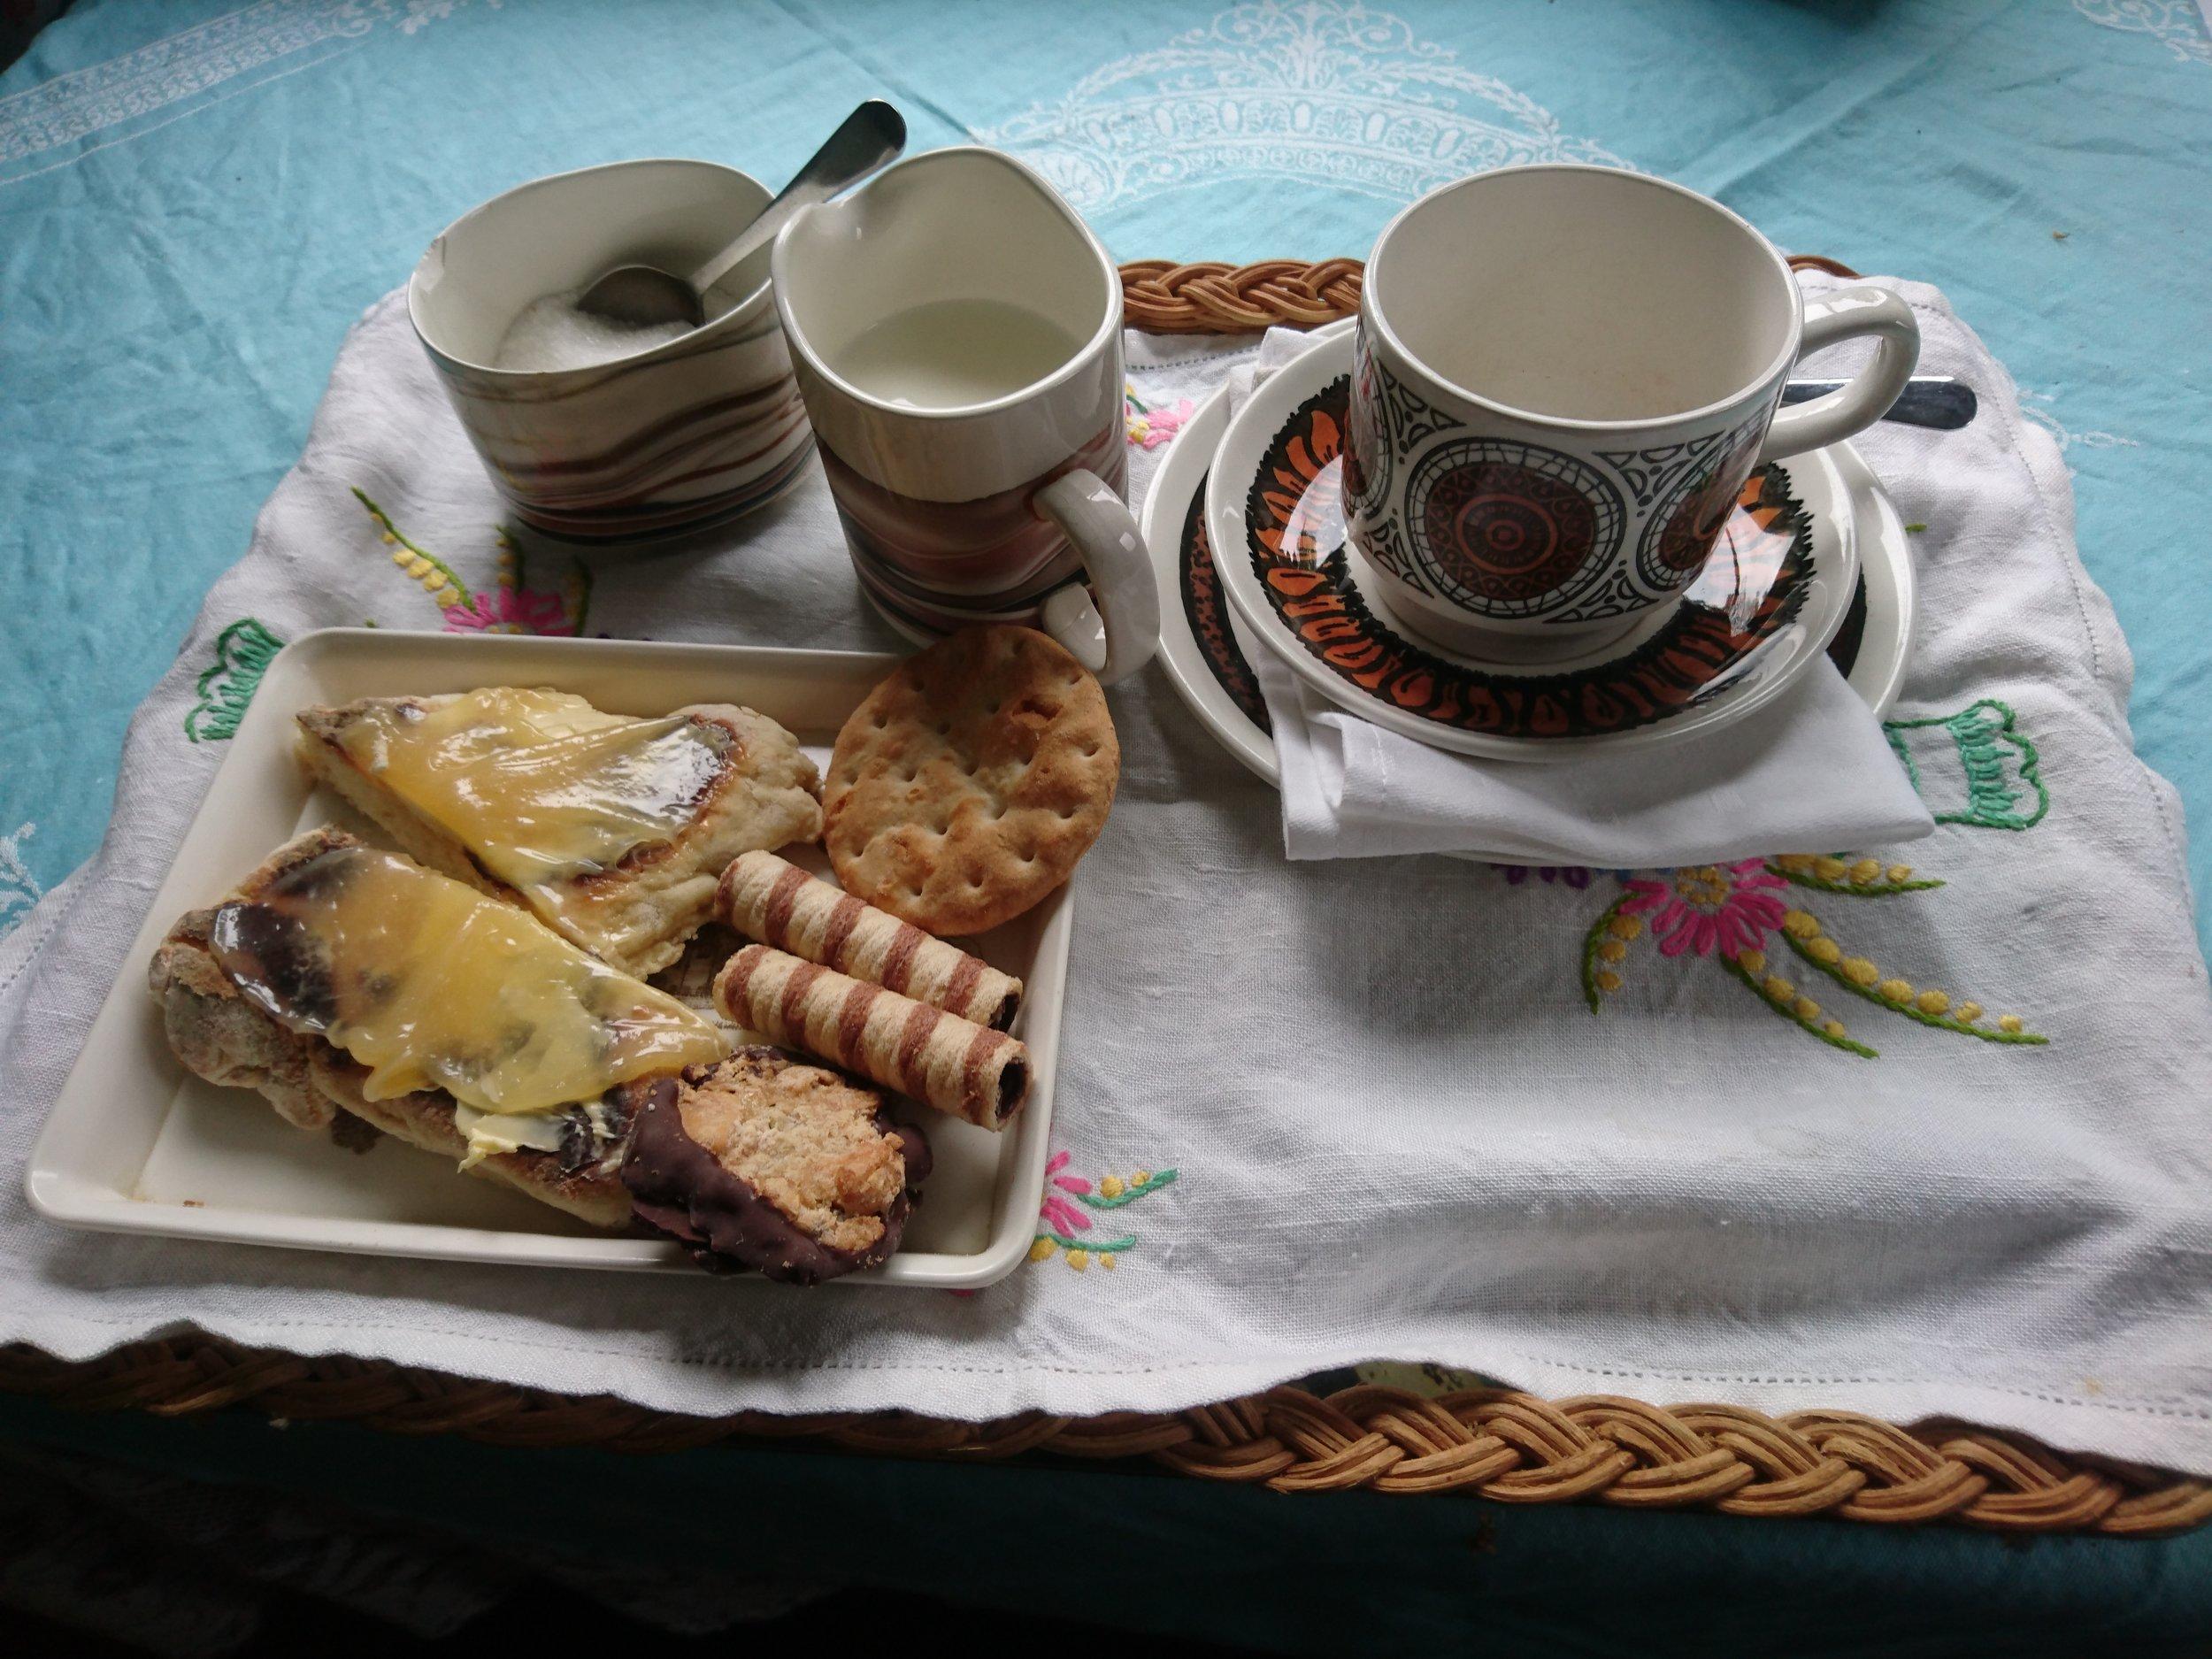 My Tea Break